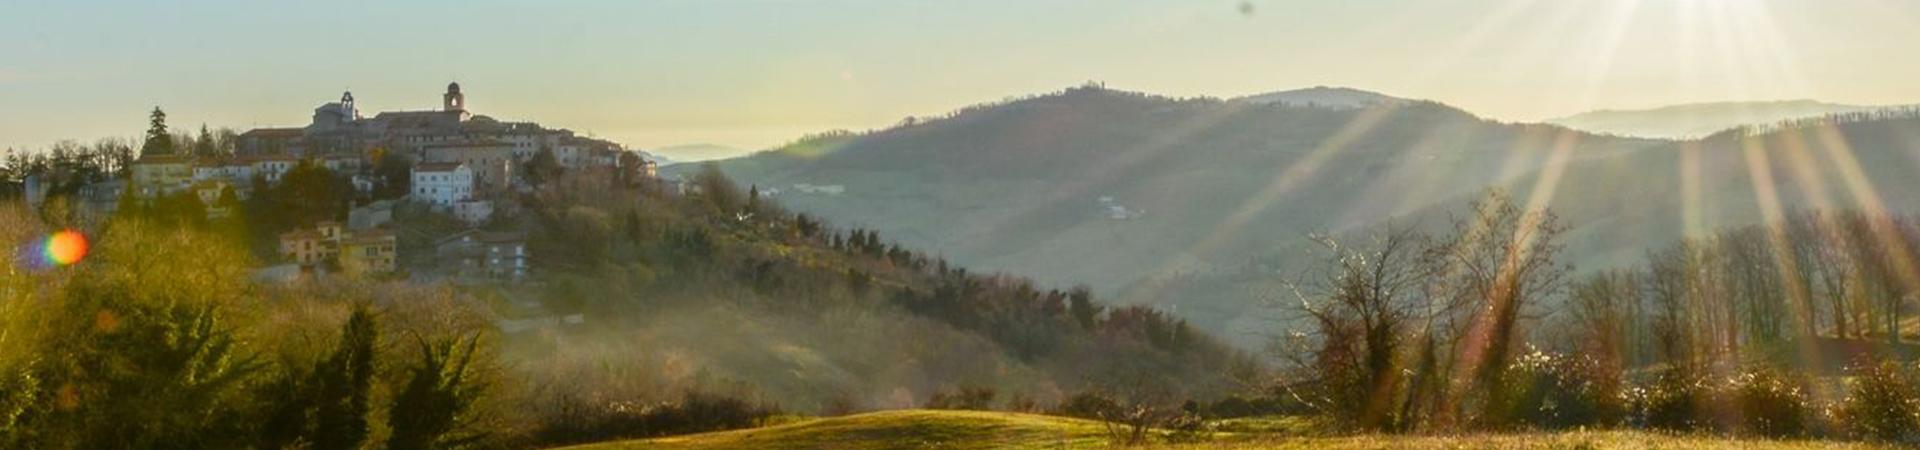 Header Comune di Monte Grimano Terme